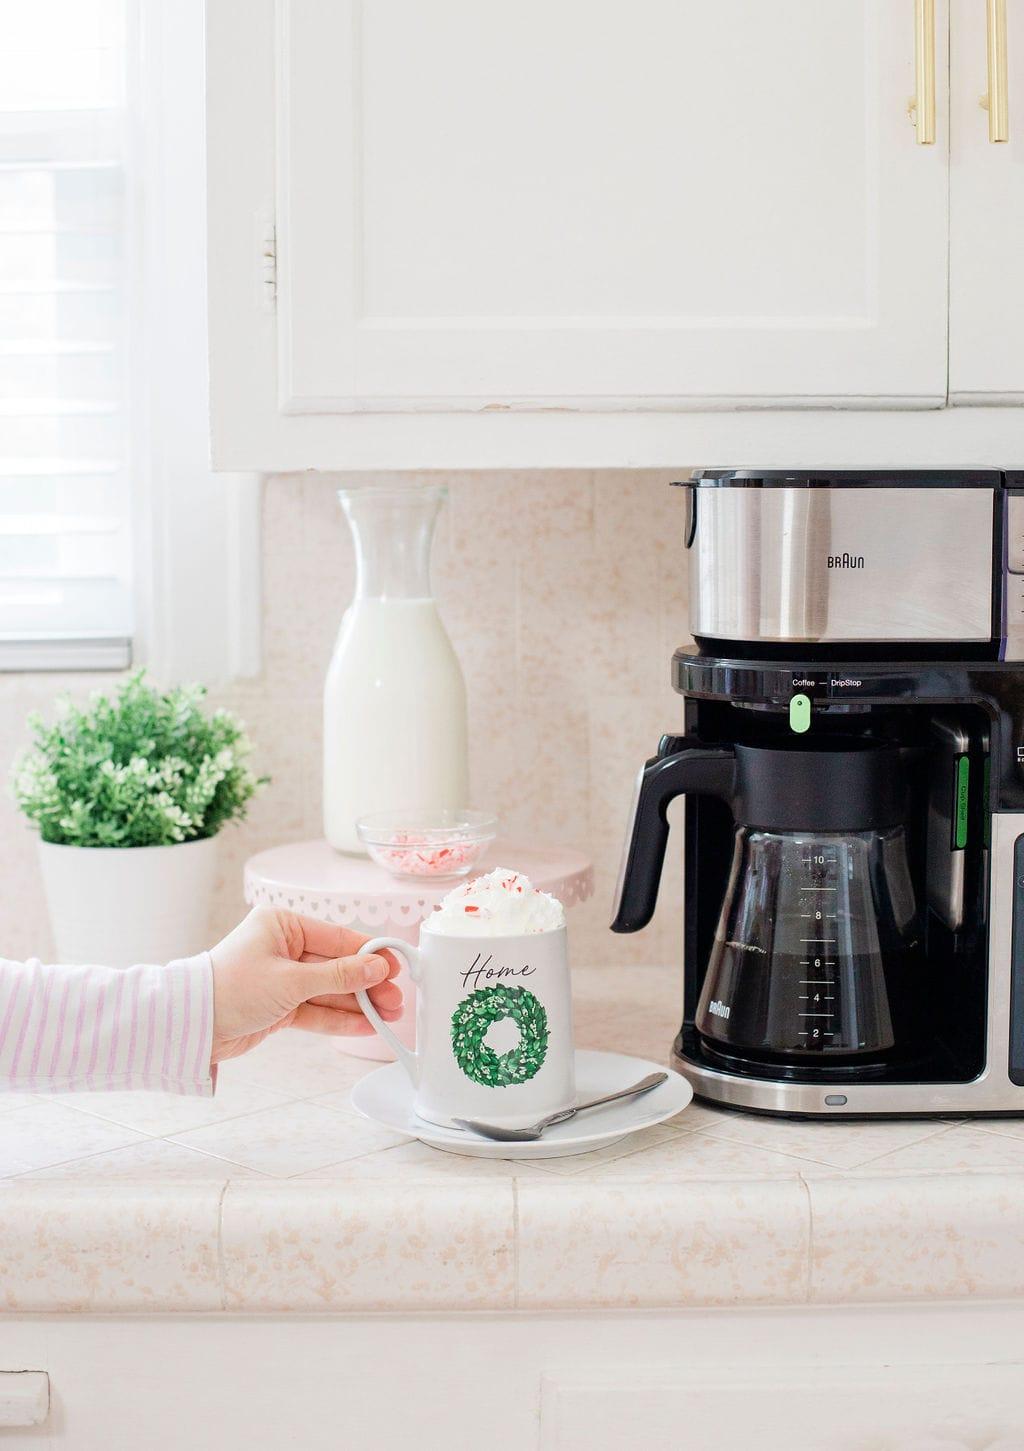 coffee mug on counter